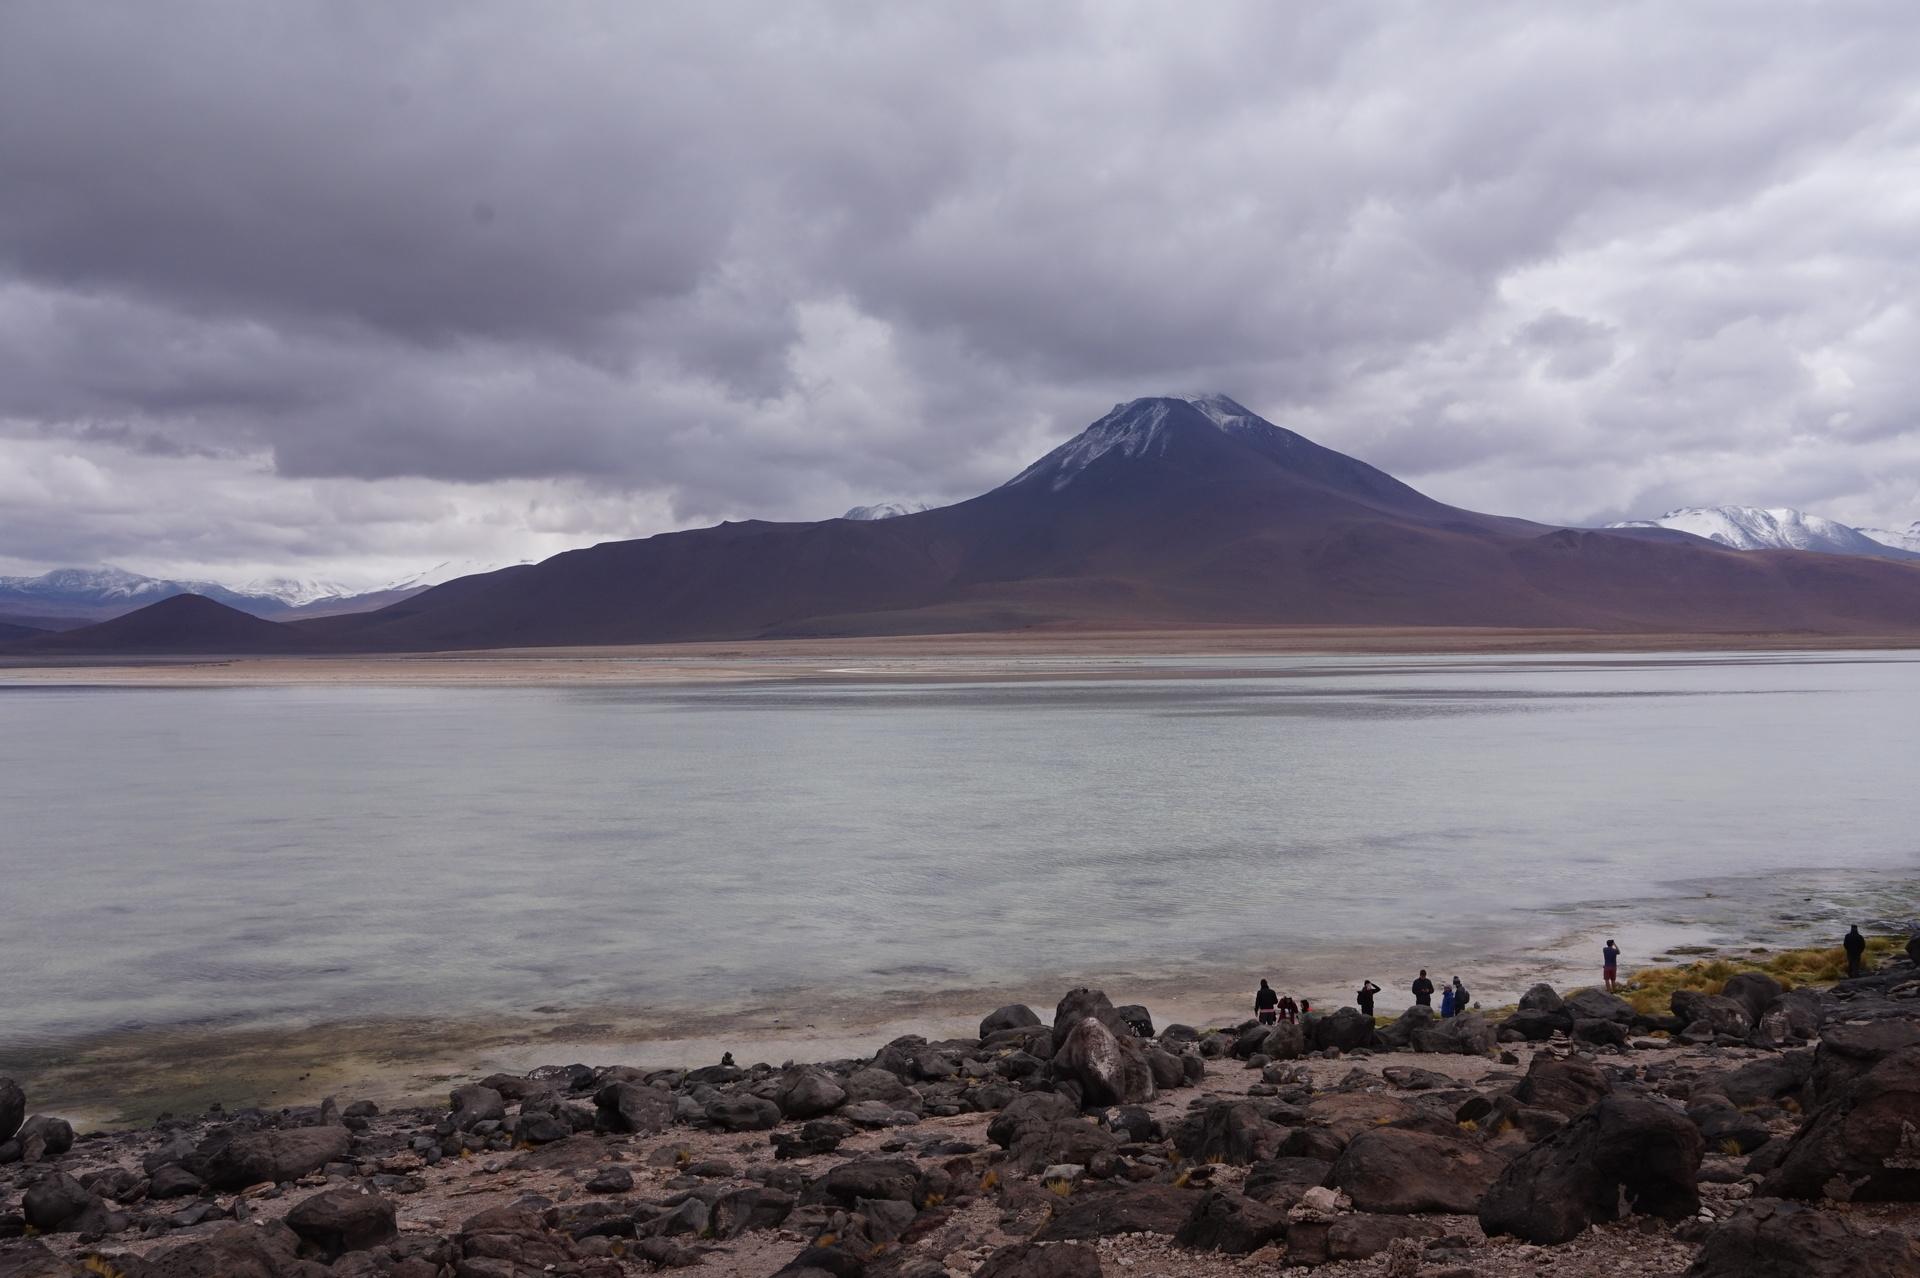 チリ ボリビア ウユニ旅行 2泊3日ツアー 白い湖1